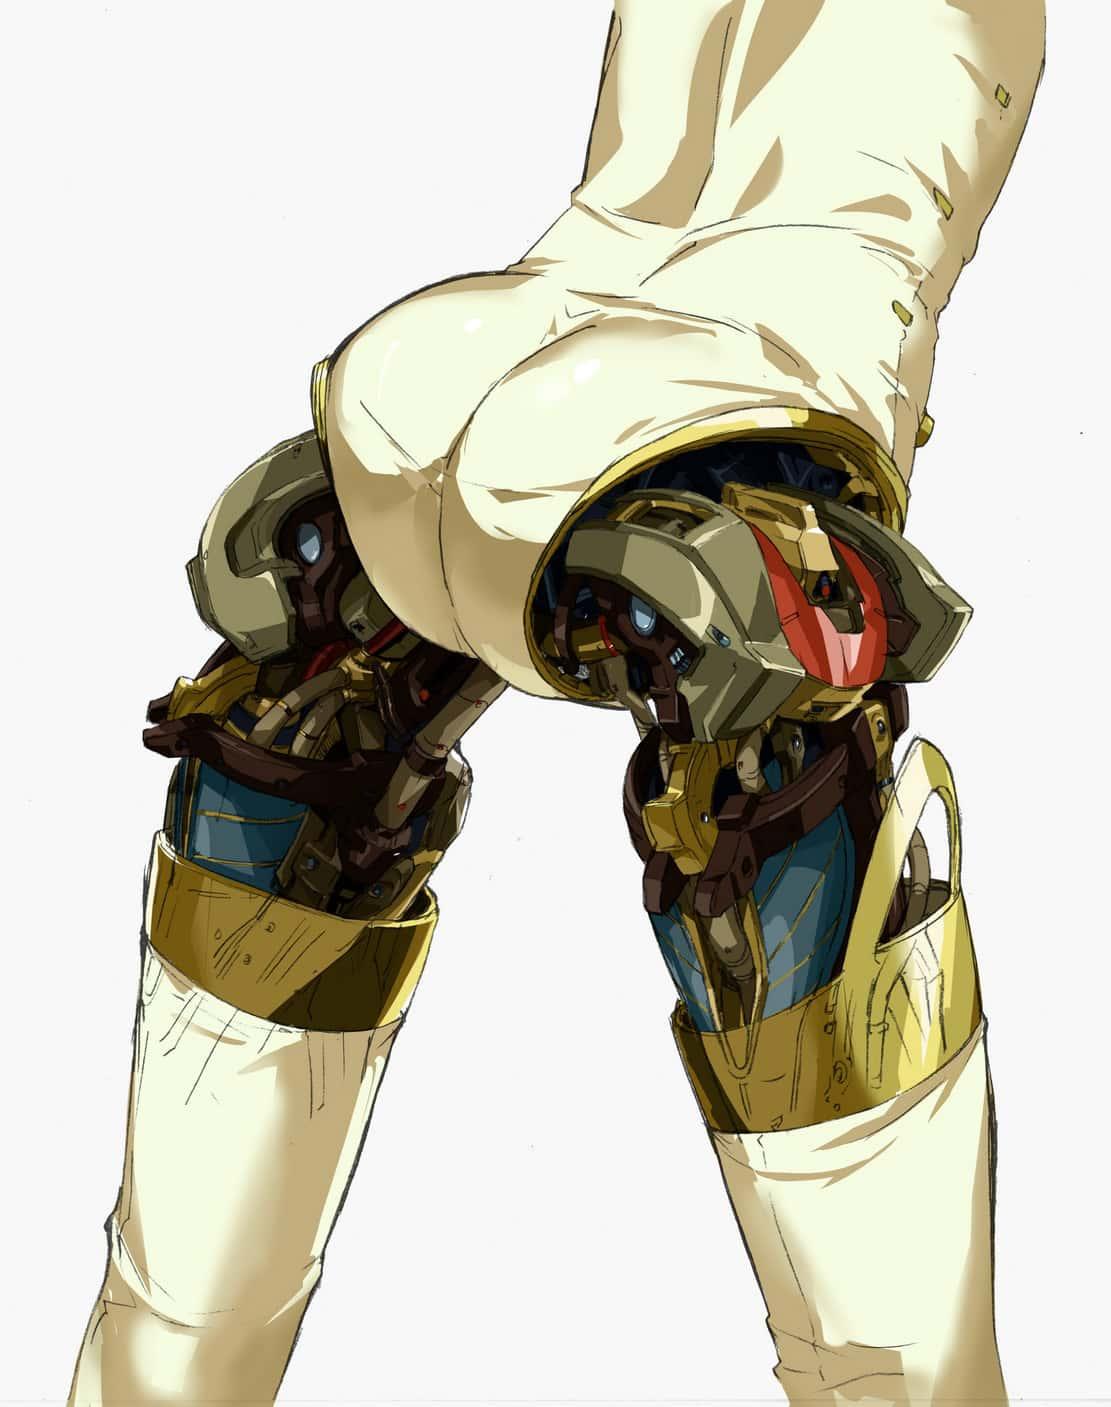 hentai cyborg Android cyberpunk 266 - 【二次】サイボーグやアンドロイドのエロ画像:イラスト その8